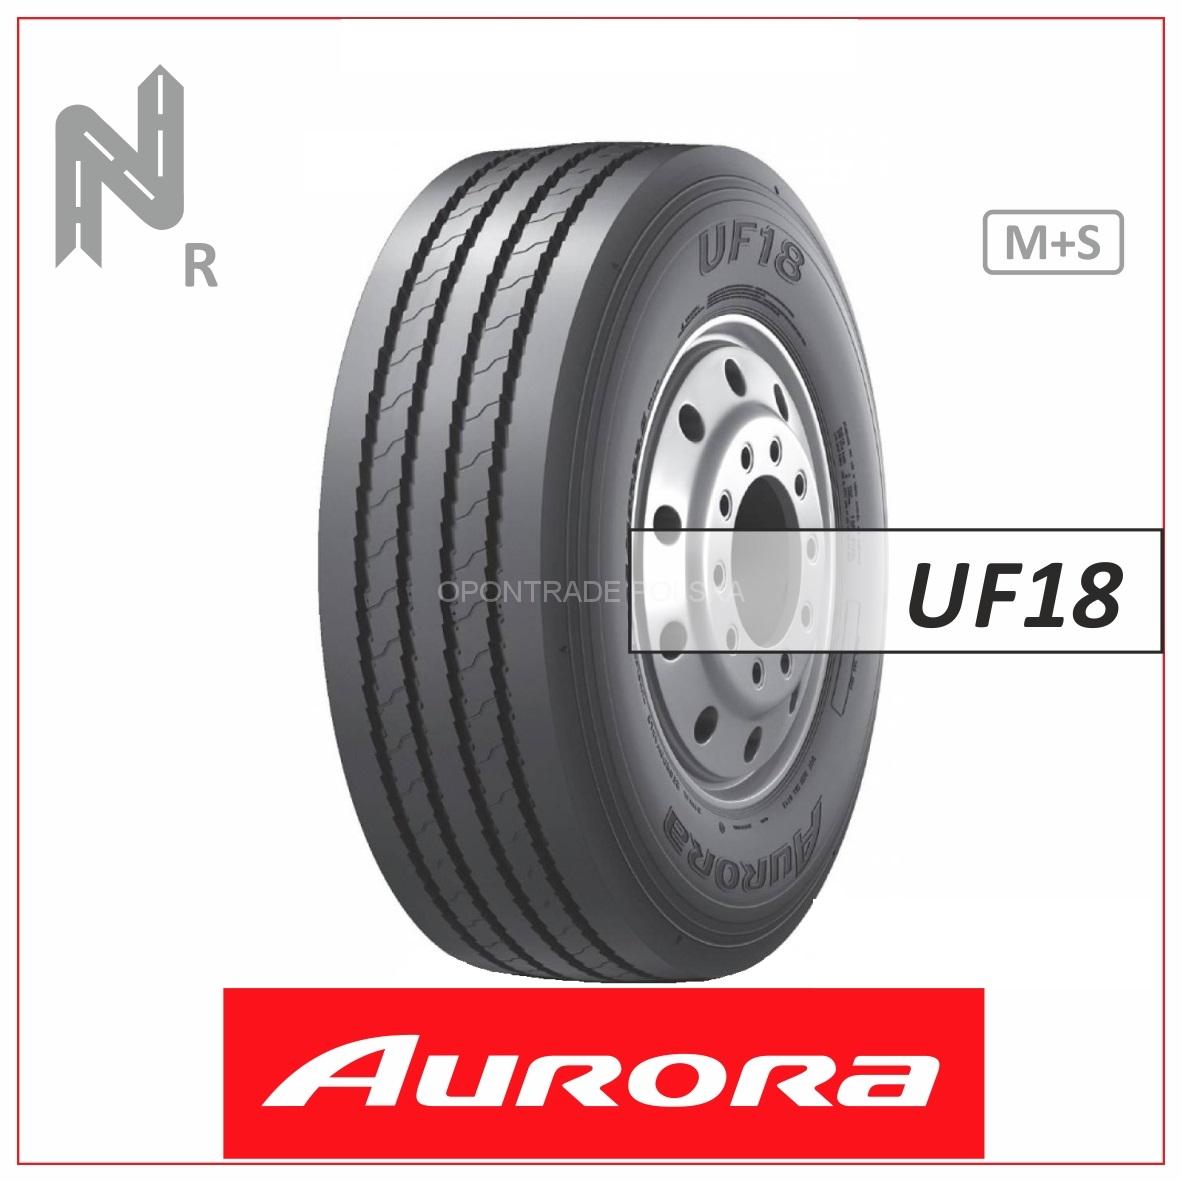 «Надежность обеспеченная качеством»: обзор шин Aurora UF 18 1